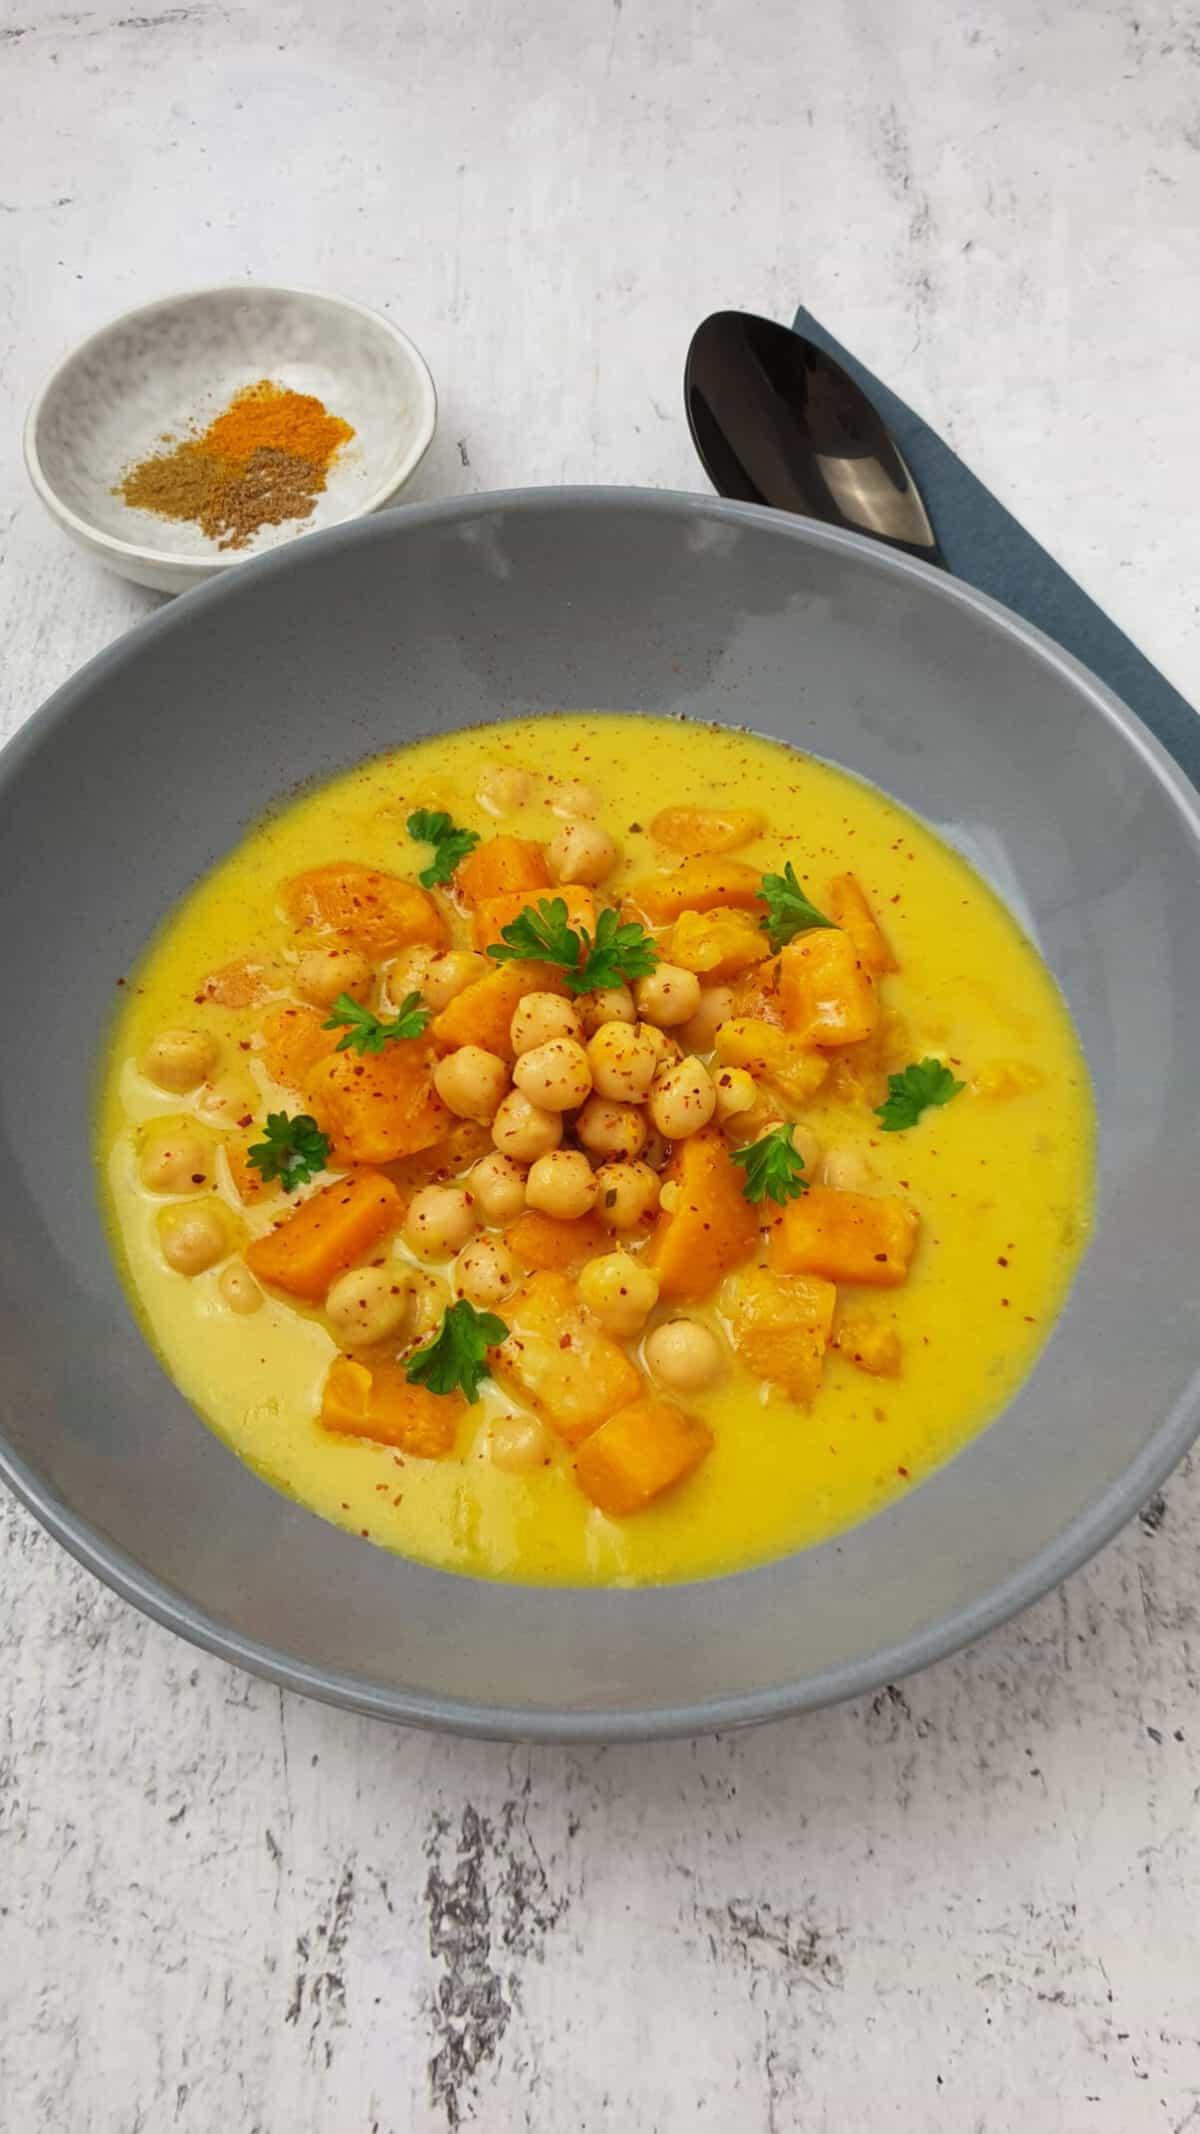 Süßkartoffel-Suppe mit Kichererbsen und Kokosmilch in einer grauen Schale angerichtet.